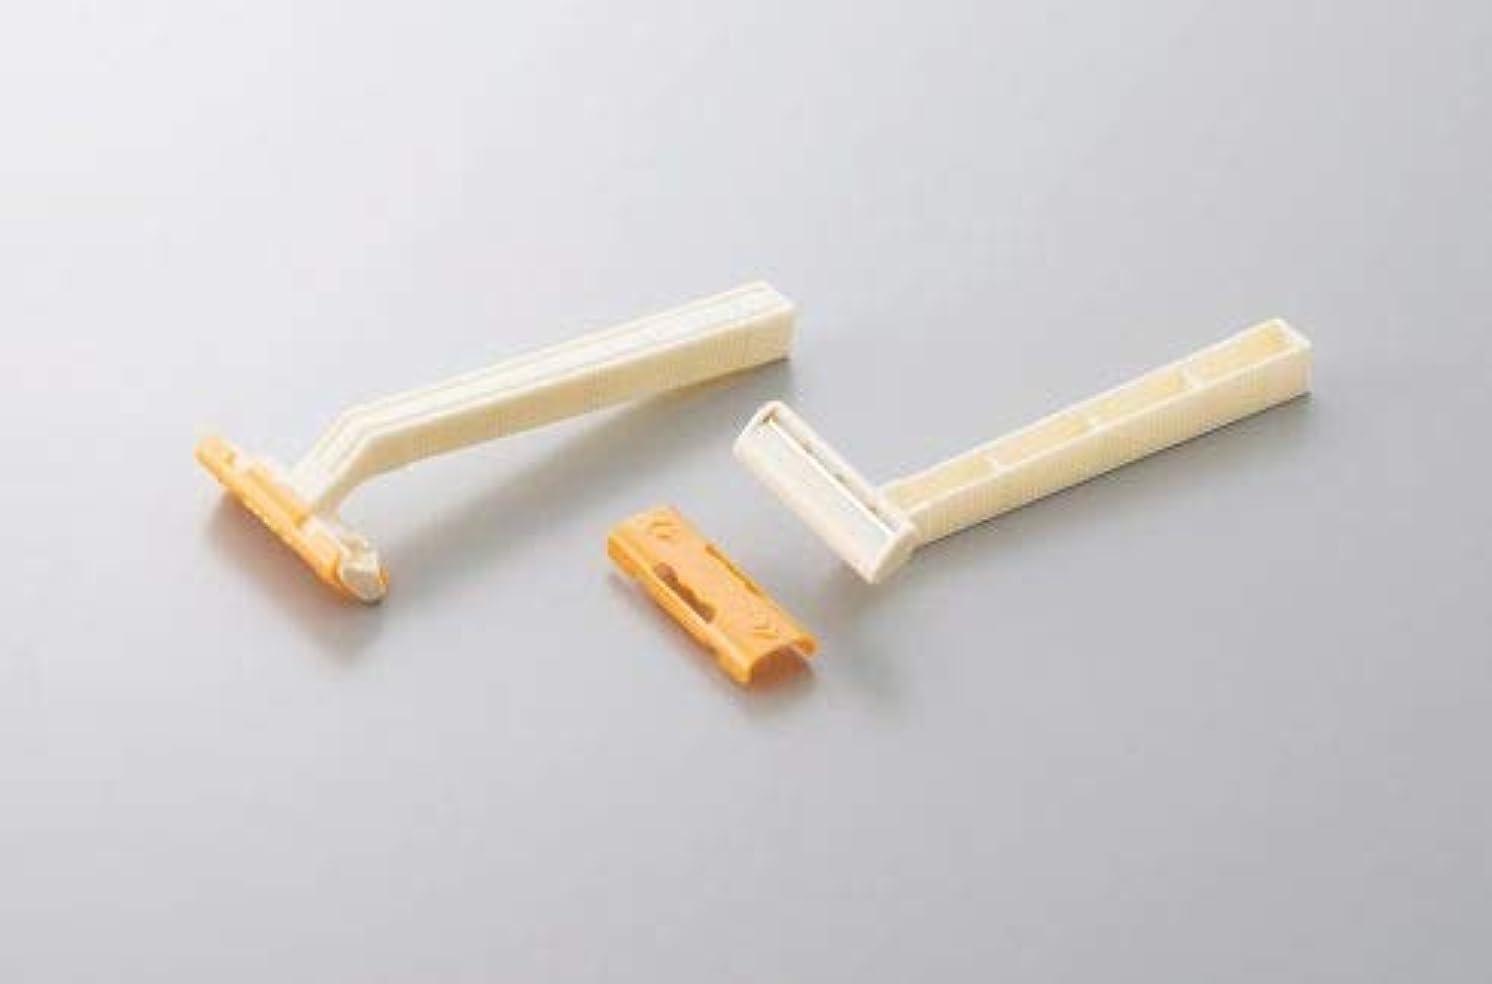 荒れ地距離割り当てdaito T字カミソリ バラ バルク ロード1?固定式1枚刃 2000本セット